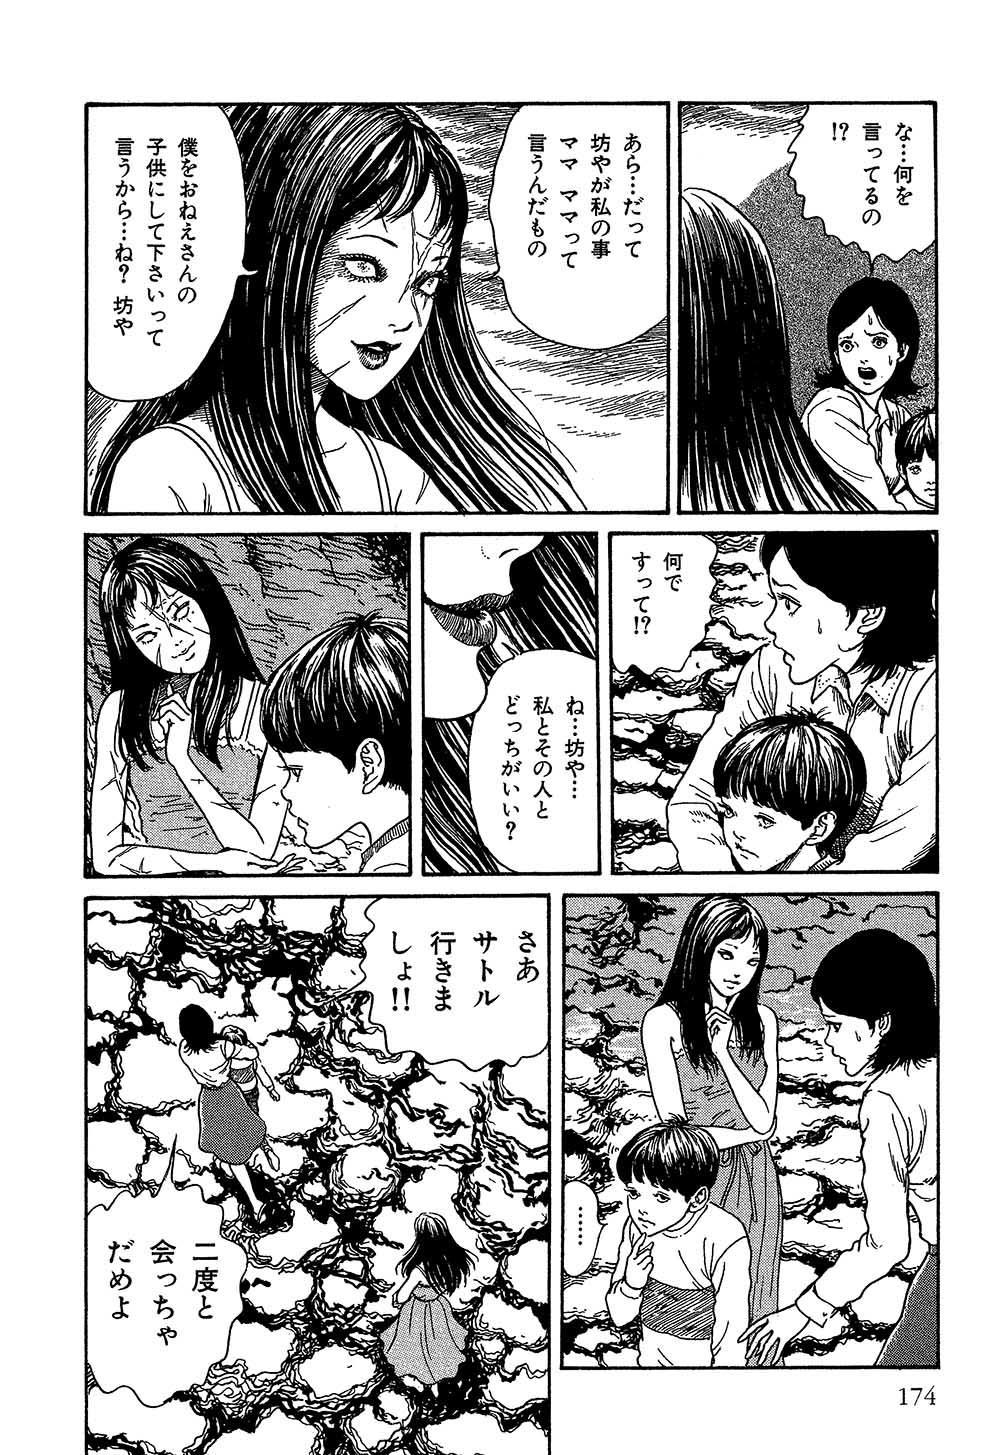 itouj_0002_0176.jpg